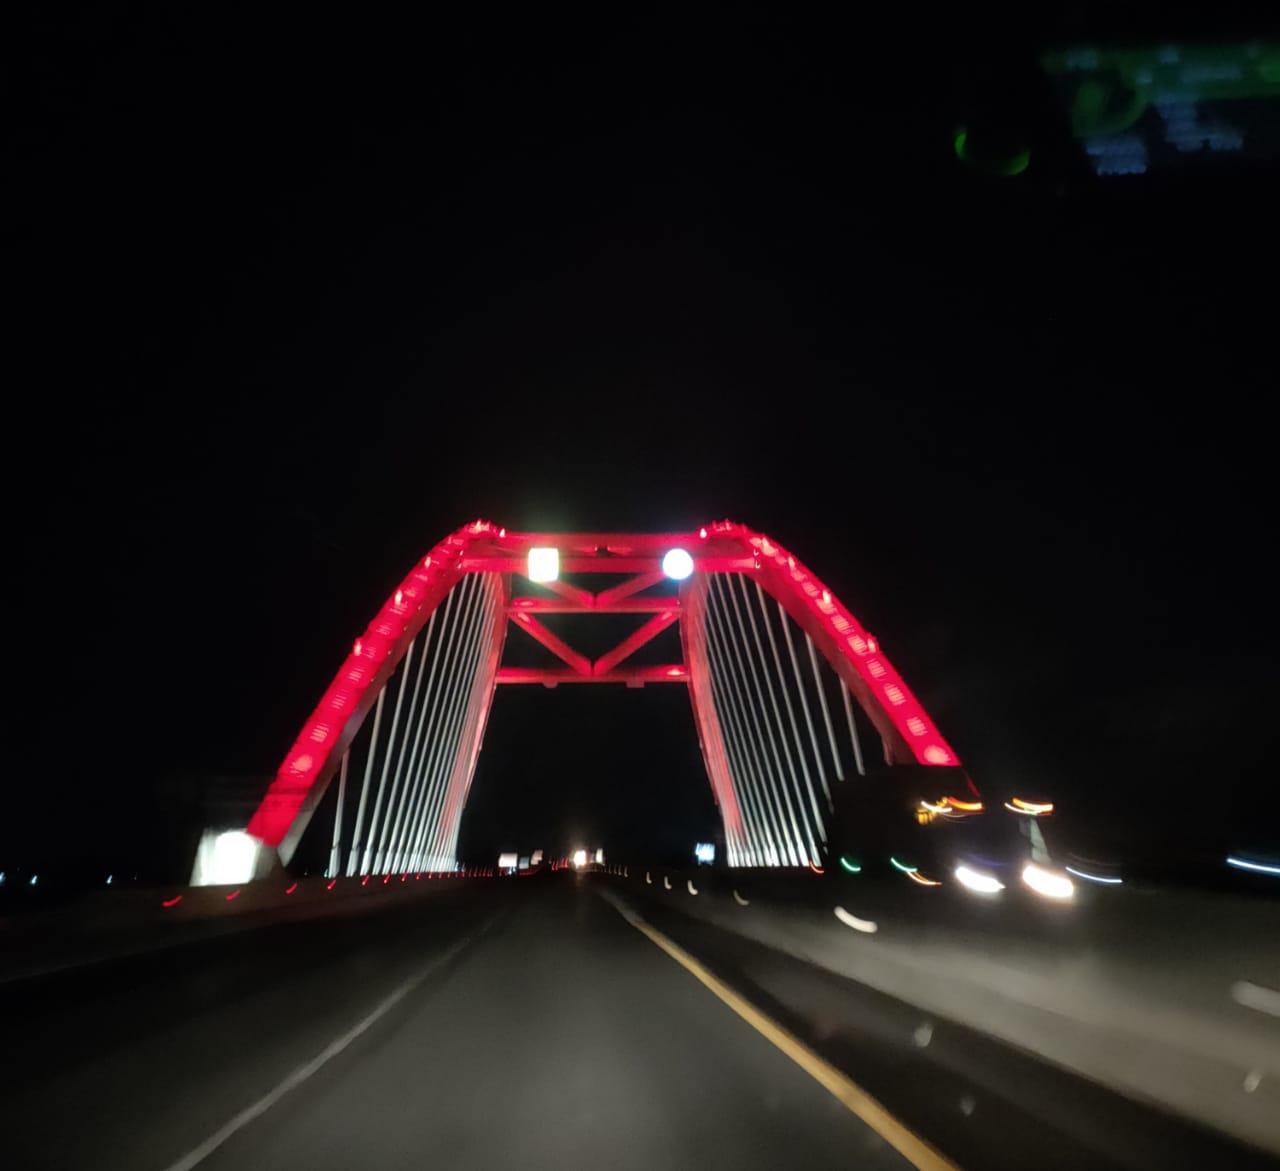 Jembatan Tol di Kendal Jawa Tengah, di Ambil pada Kecepatan 100 km/jam dengan Kamera OPPO Reno 4